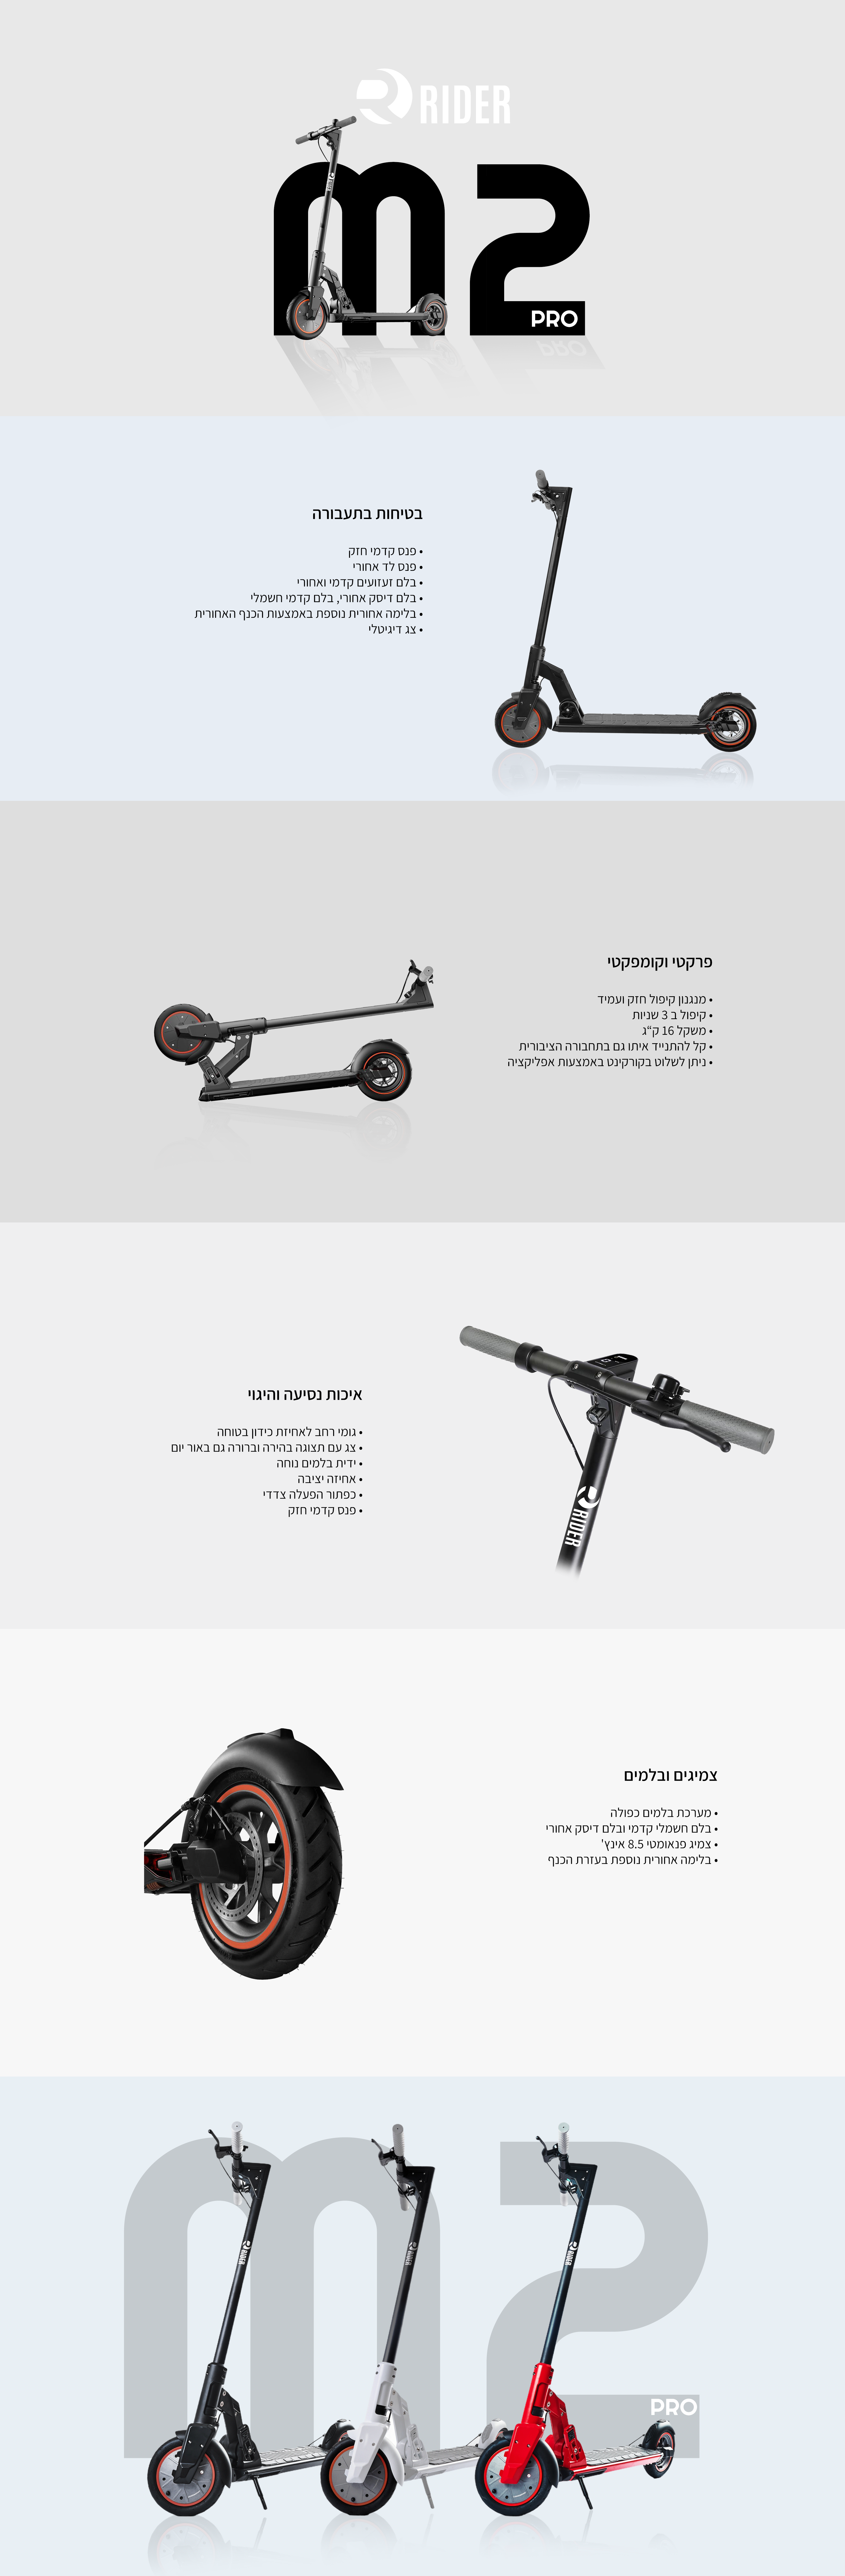 קורקיניט חשמלי RIDER M2 PRO לבן מבית שיאומי יבוא מקביל   קורקיניט חשמלי של Xiaomi הכי זולים בארץ! 20